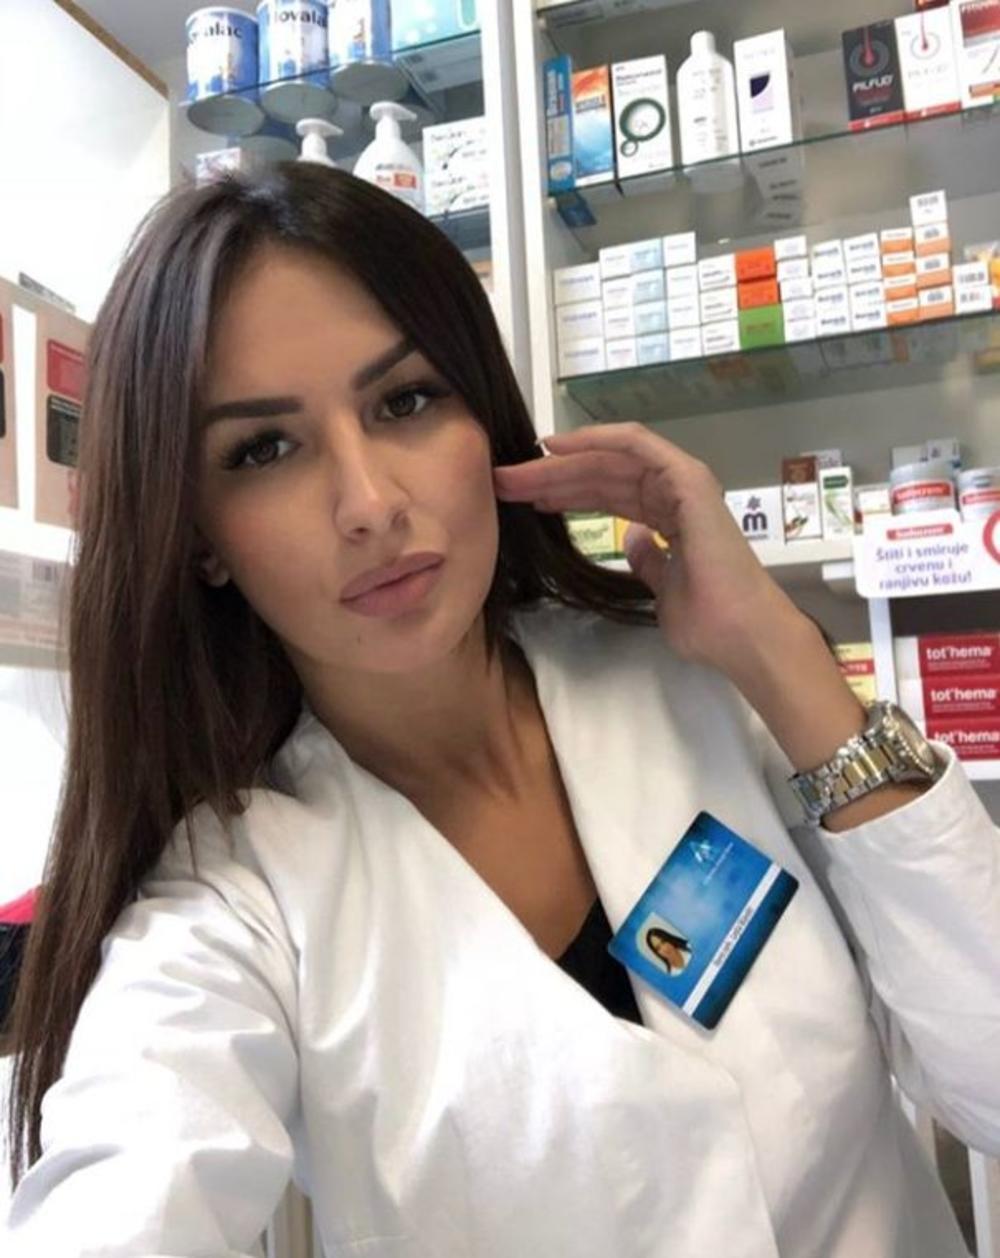 Zatrebaće vam neki lek sigurno kad dođete na šalter i ugledate nju